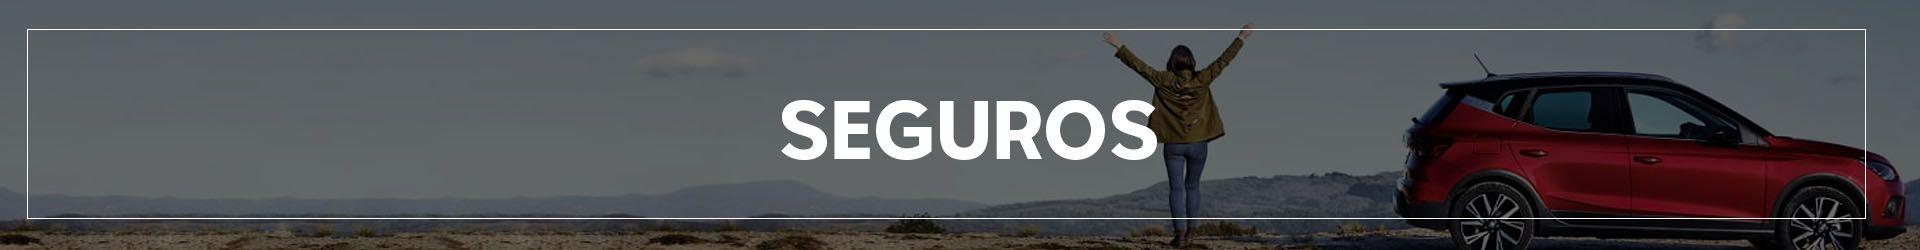 SEGUROS   Automocion Terry Concesionario Cadiz